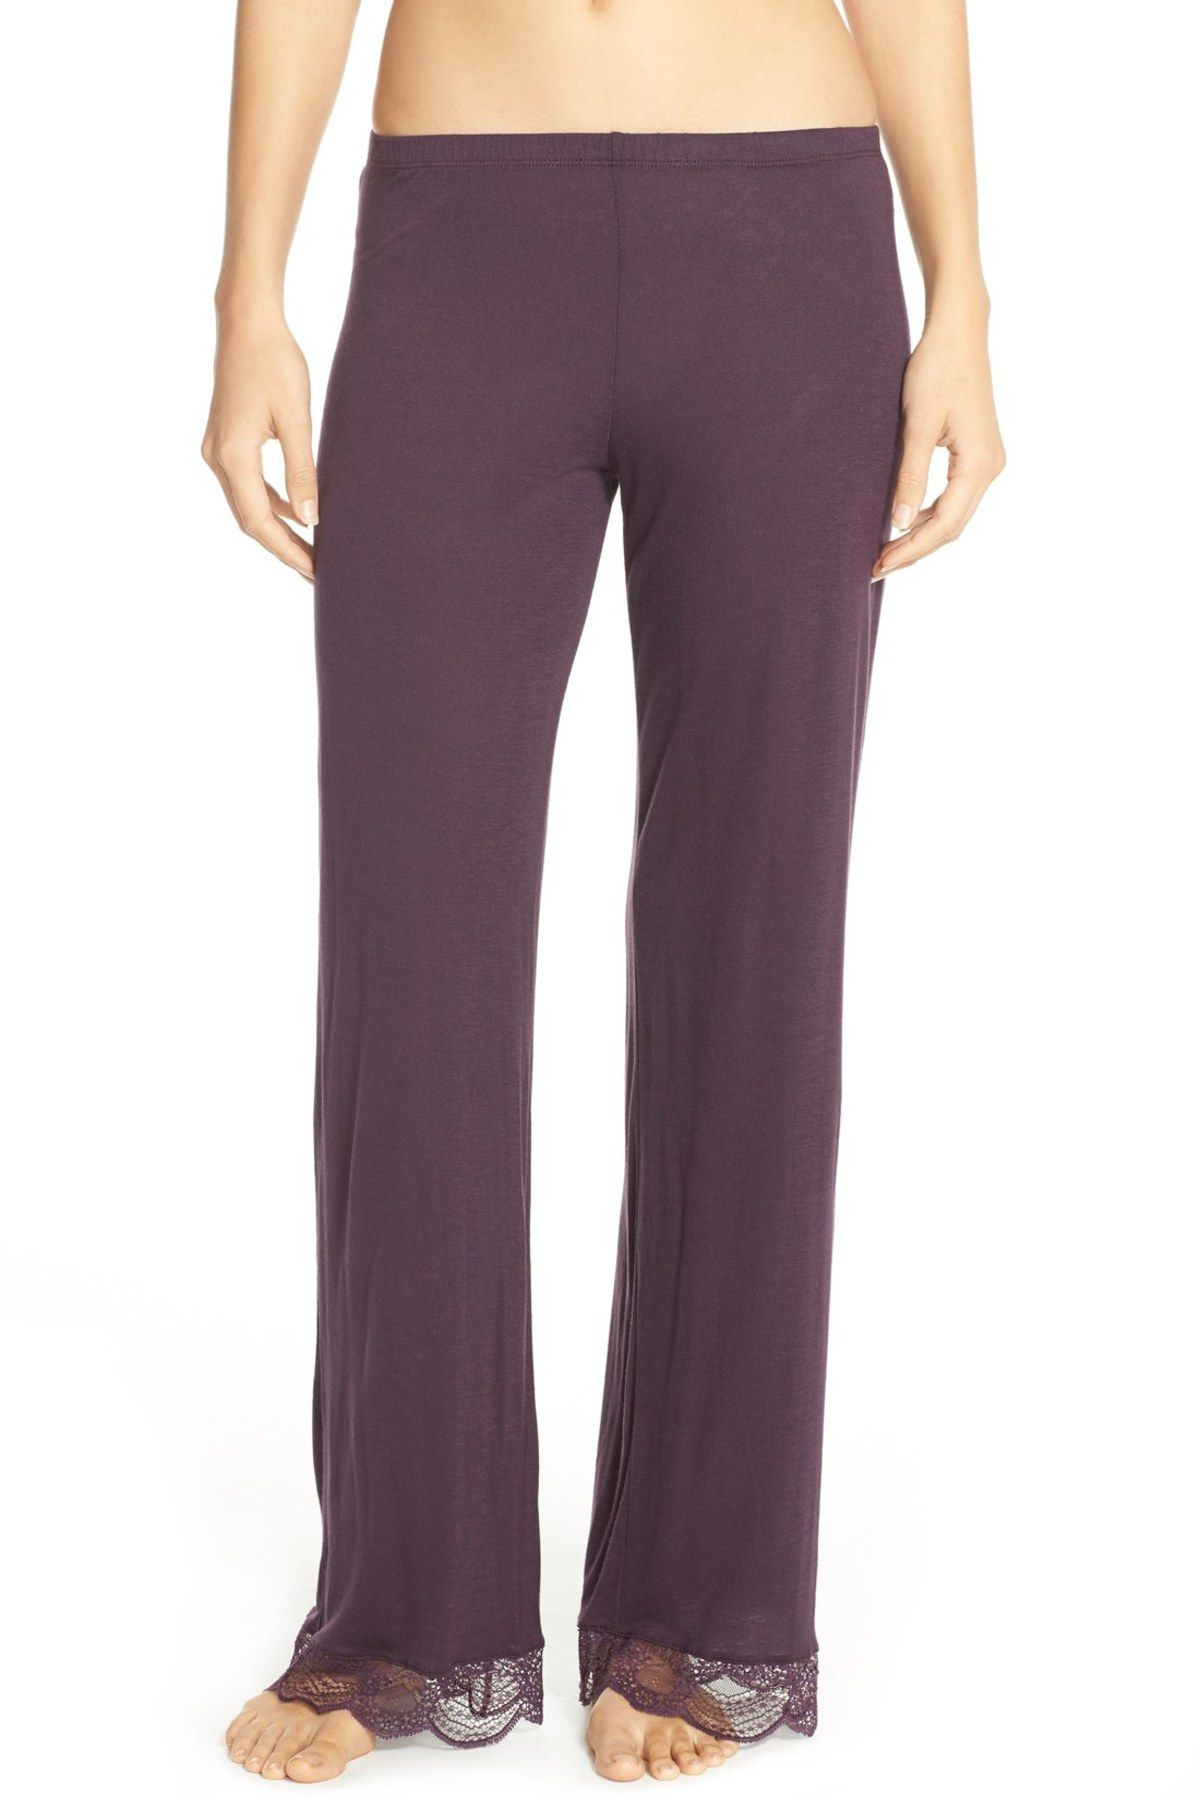 Lace Trim Lounge Pant